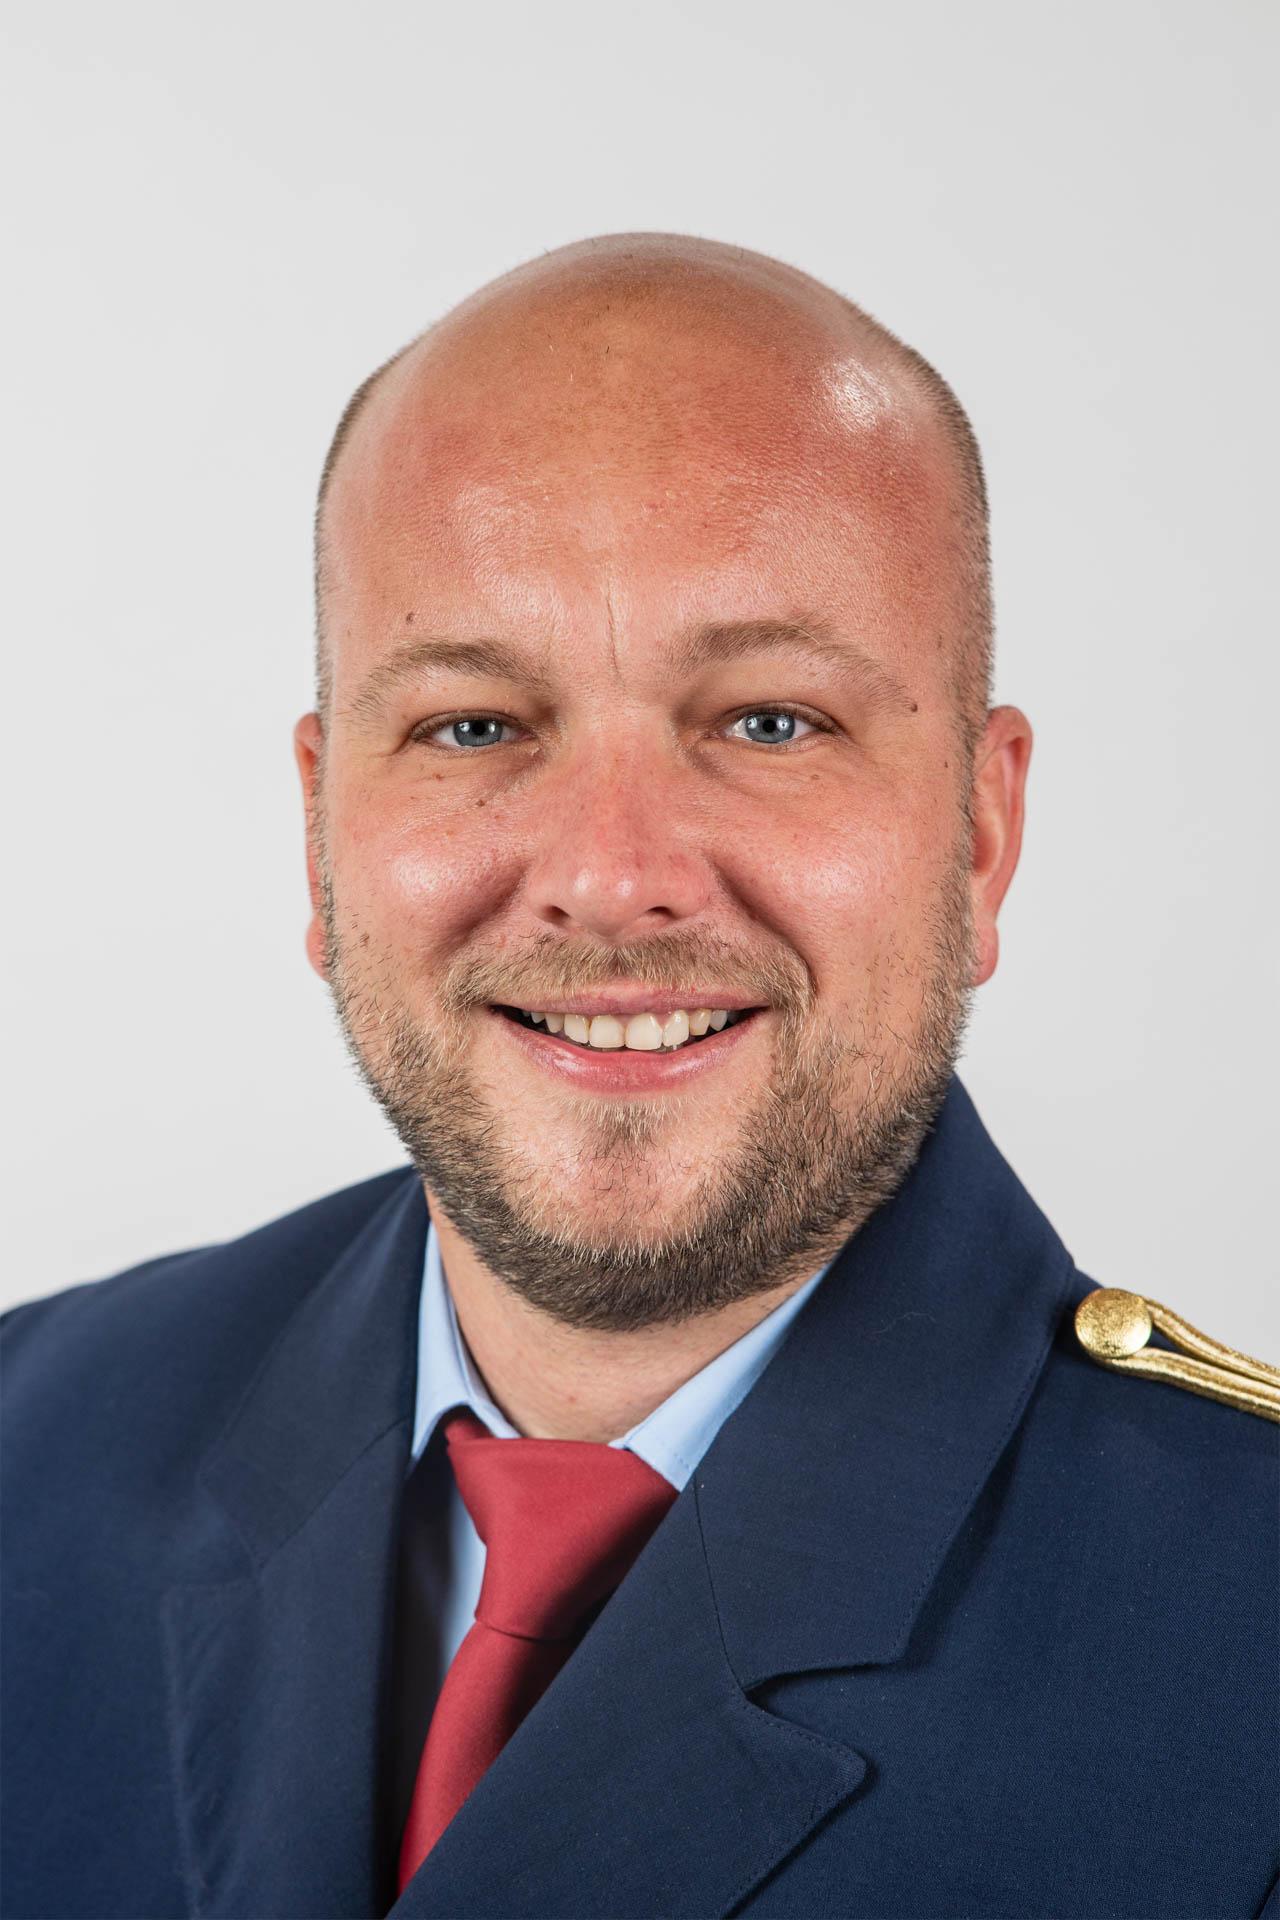 Hannes Färber